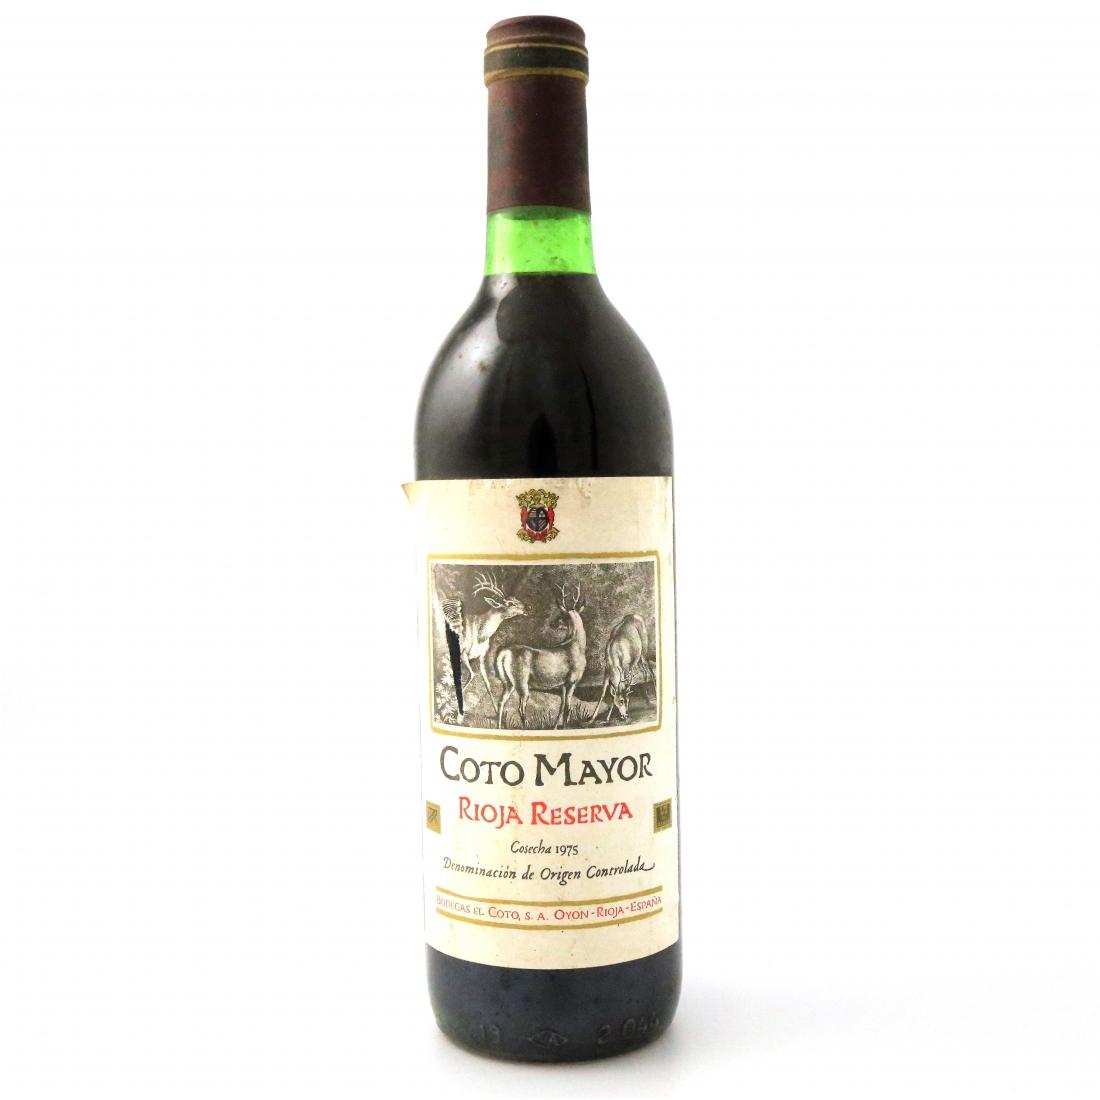 Coto De Imaz 1975 Rioja Reserva